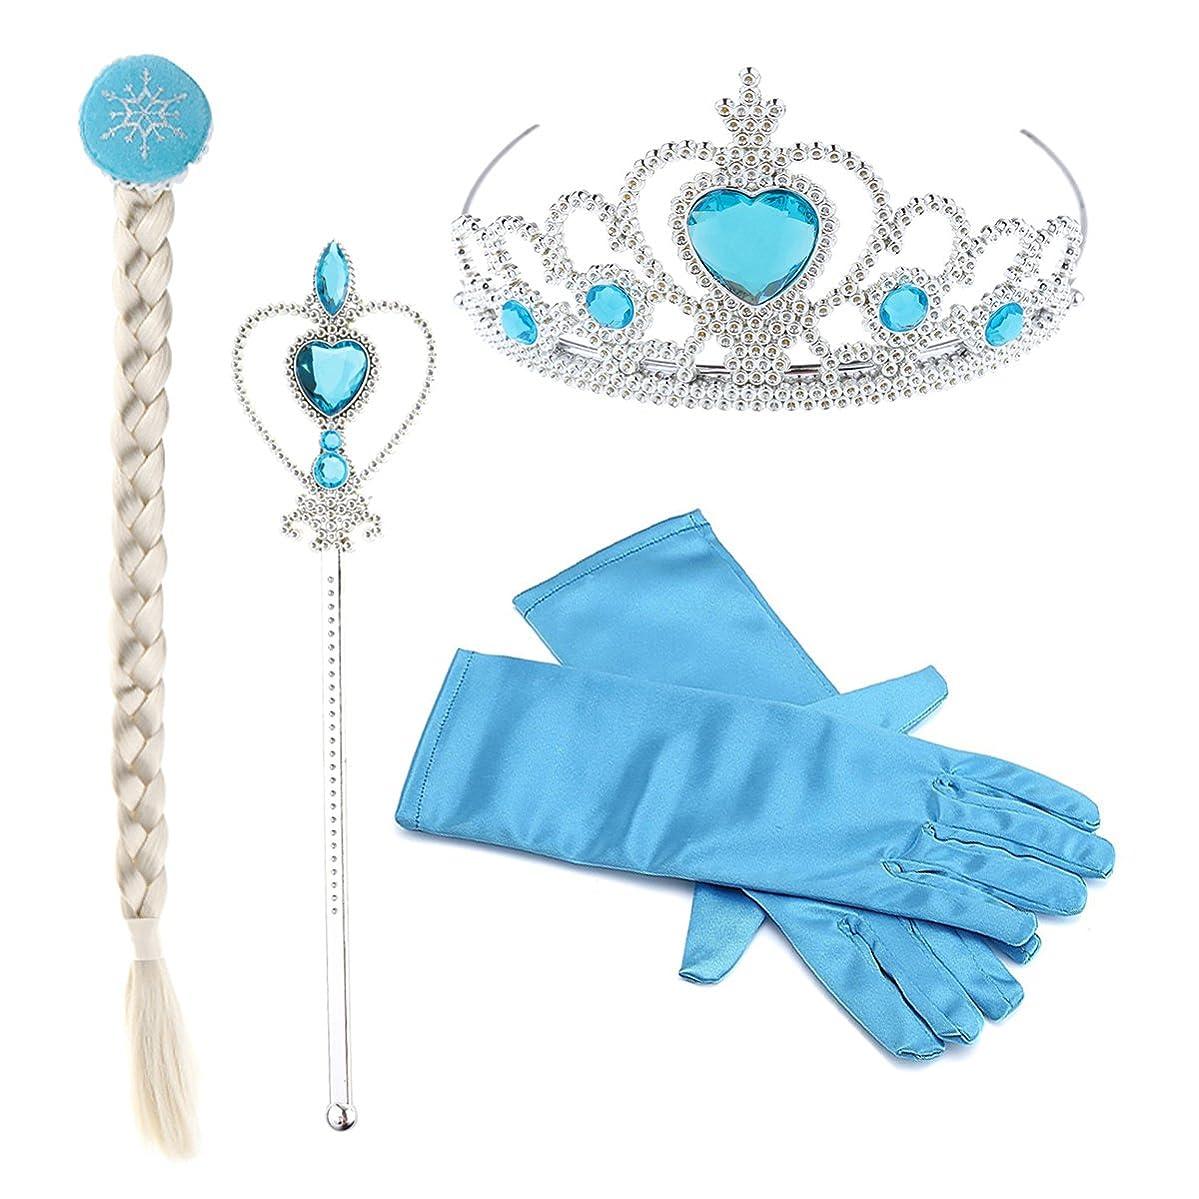 Hpwai Princess Little Girls Kids Frozen Elsa Party Dress Up Accessories,Crown Braid Wand Blue Gloves Princess Blue Jewelry Gift Set